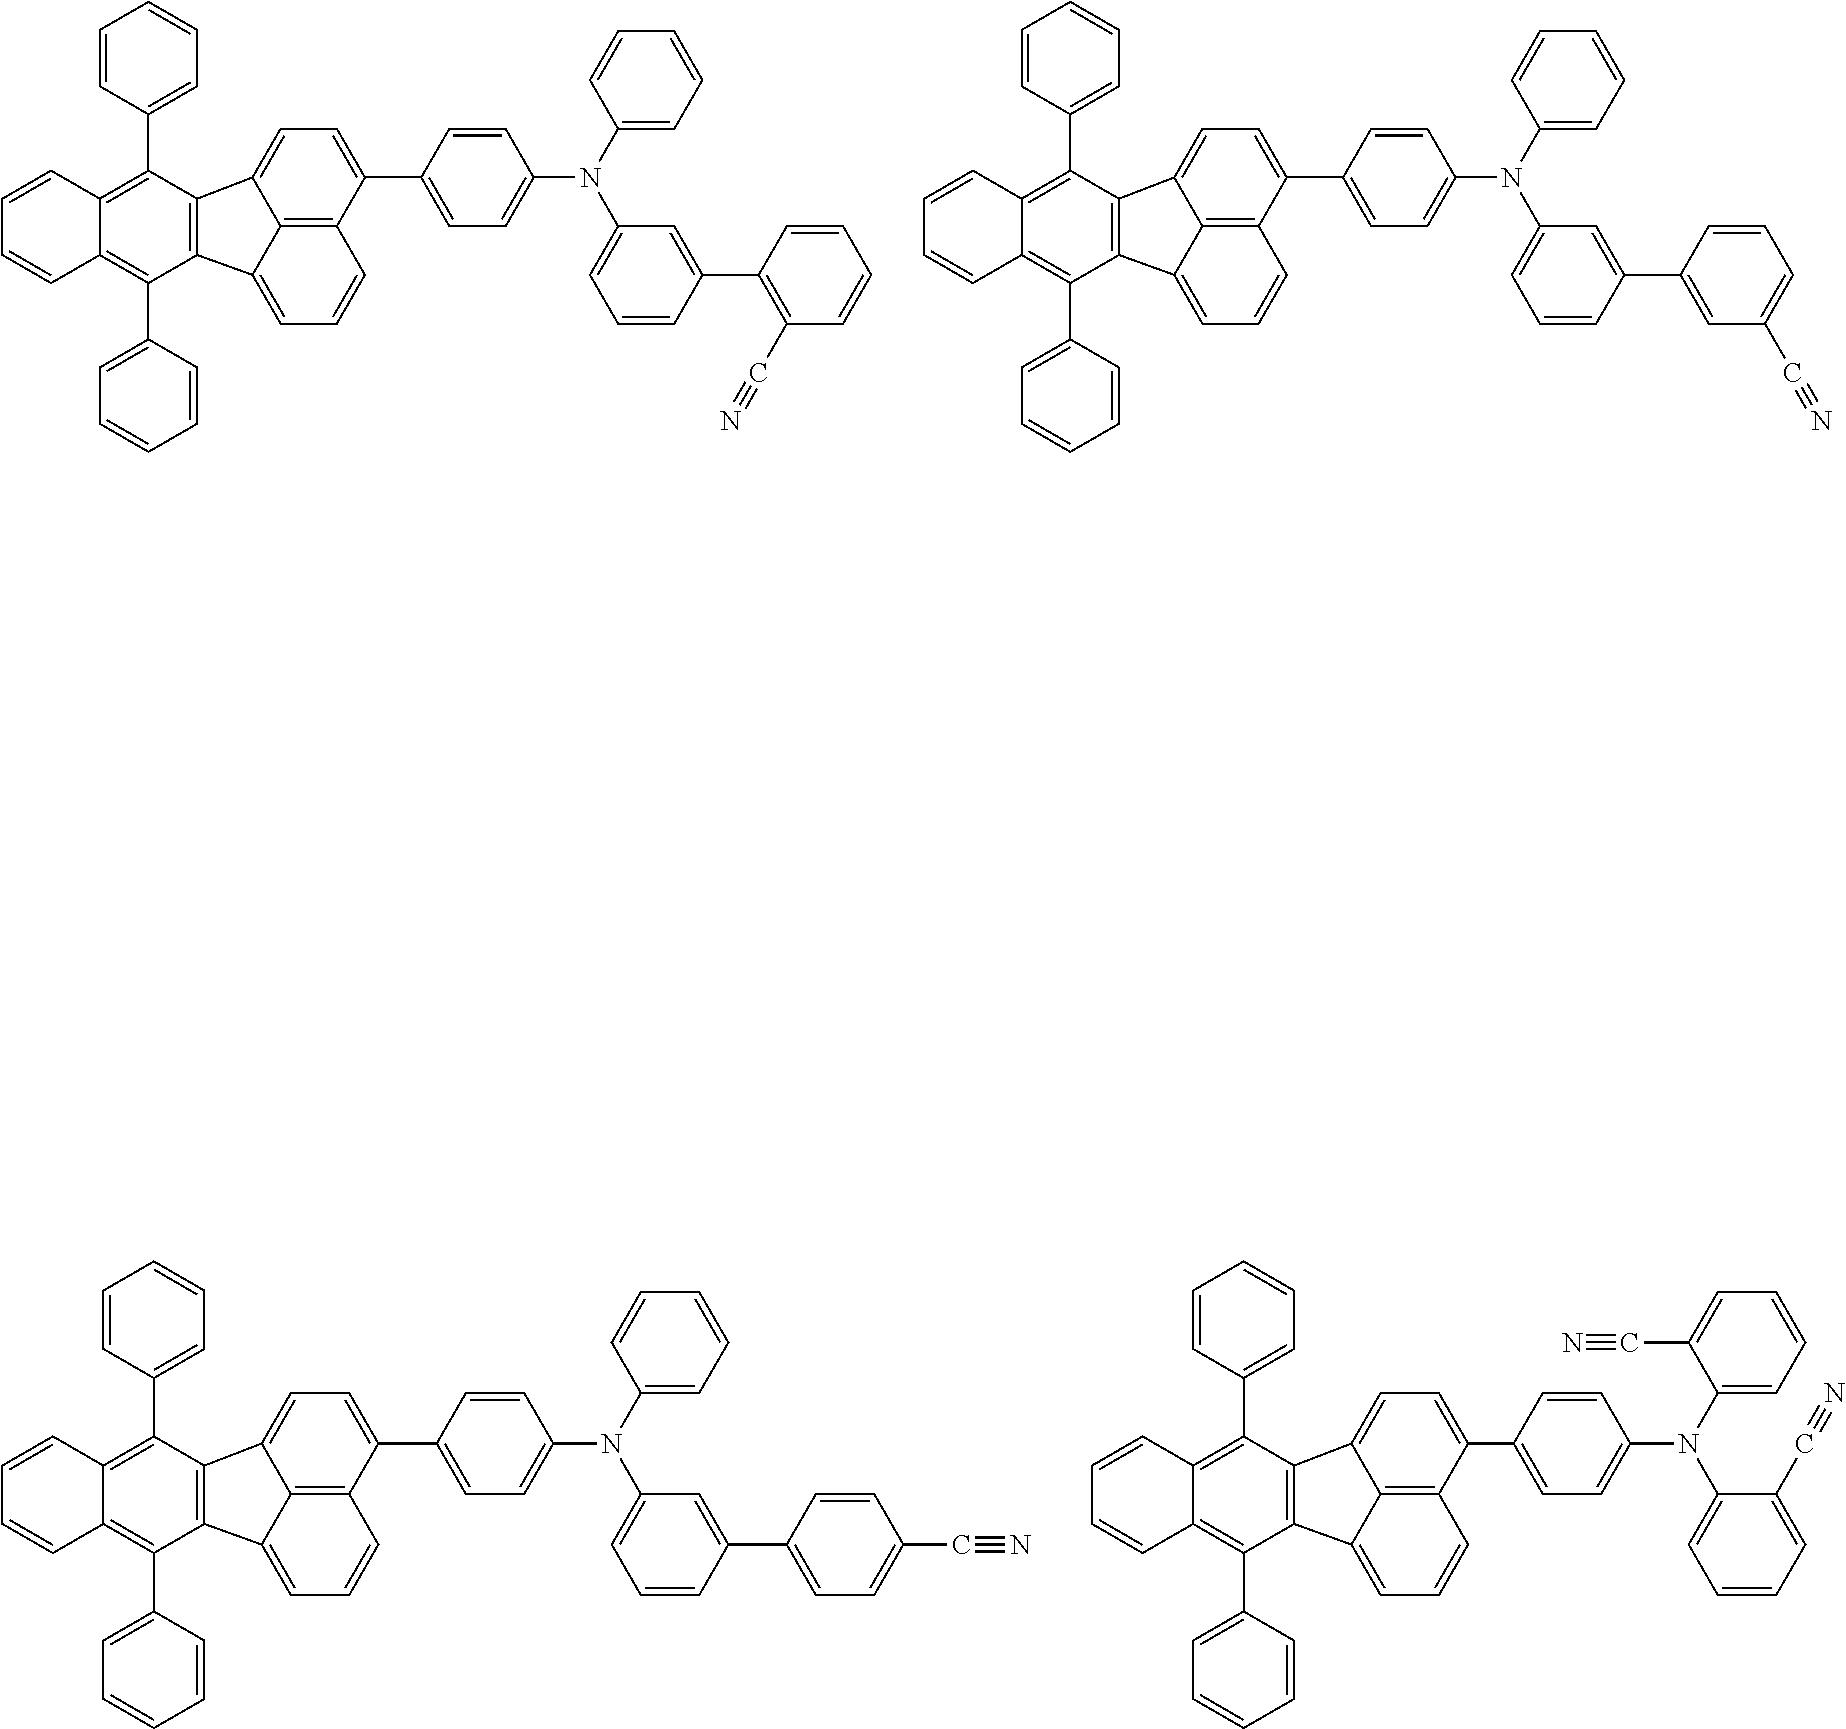 Figure US20150280139A1-20151001-C00063